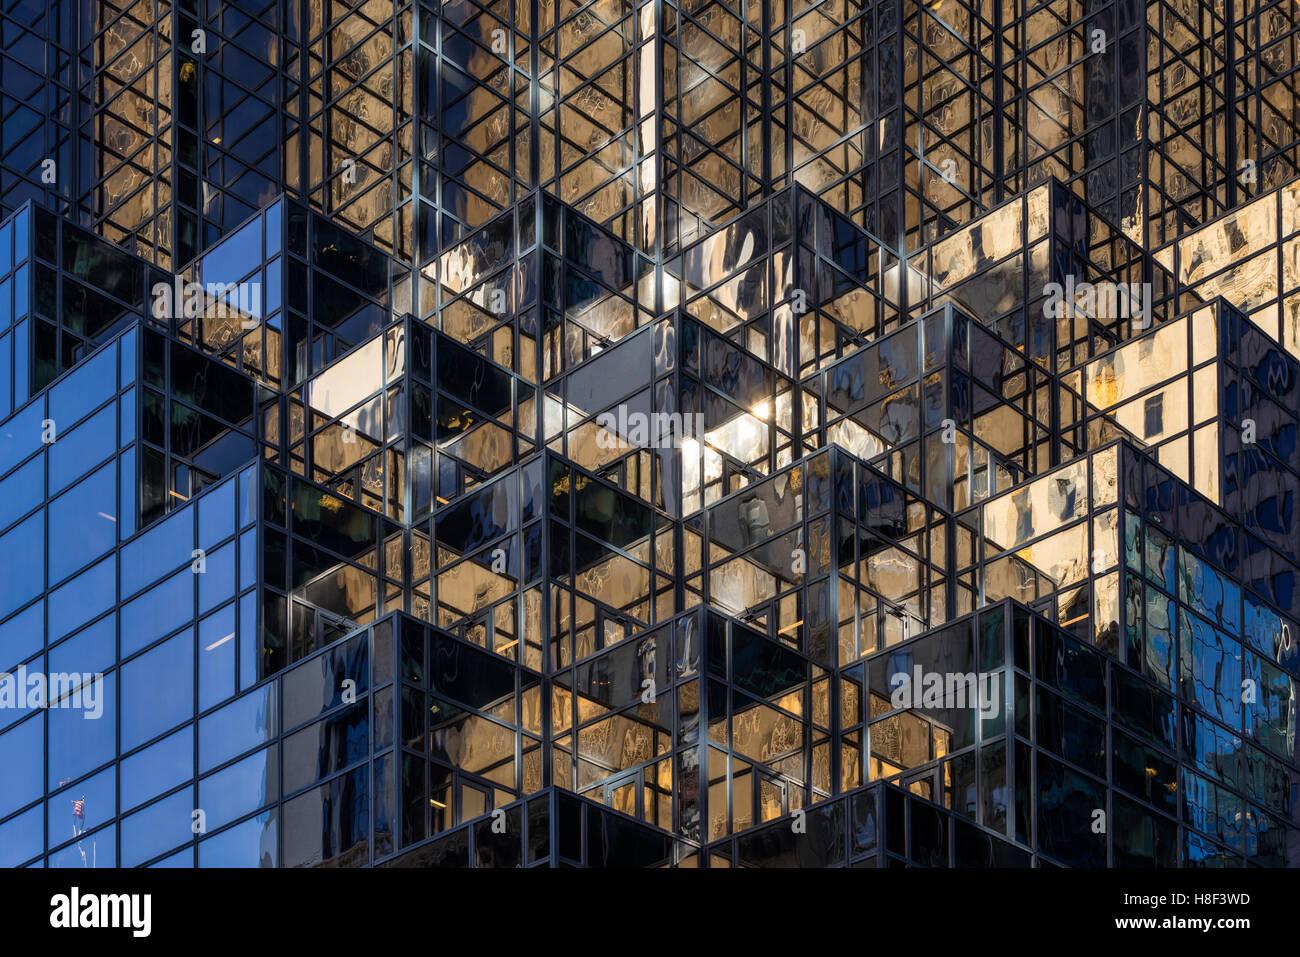 Détail architectural de la façade de Trump Tower avec les fenêtres de verre et d'une terrasse. Photo Stock